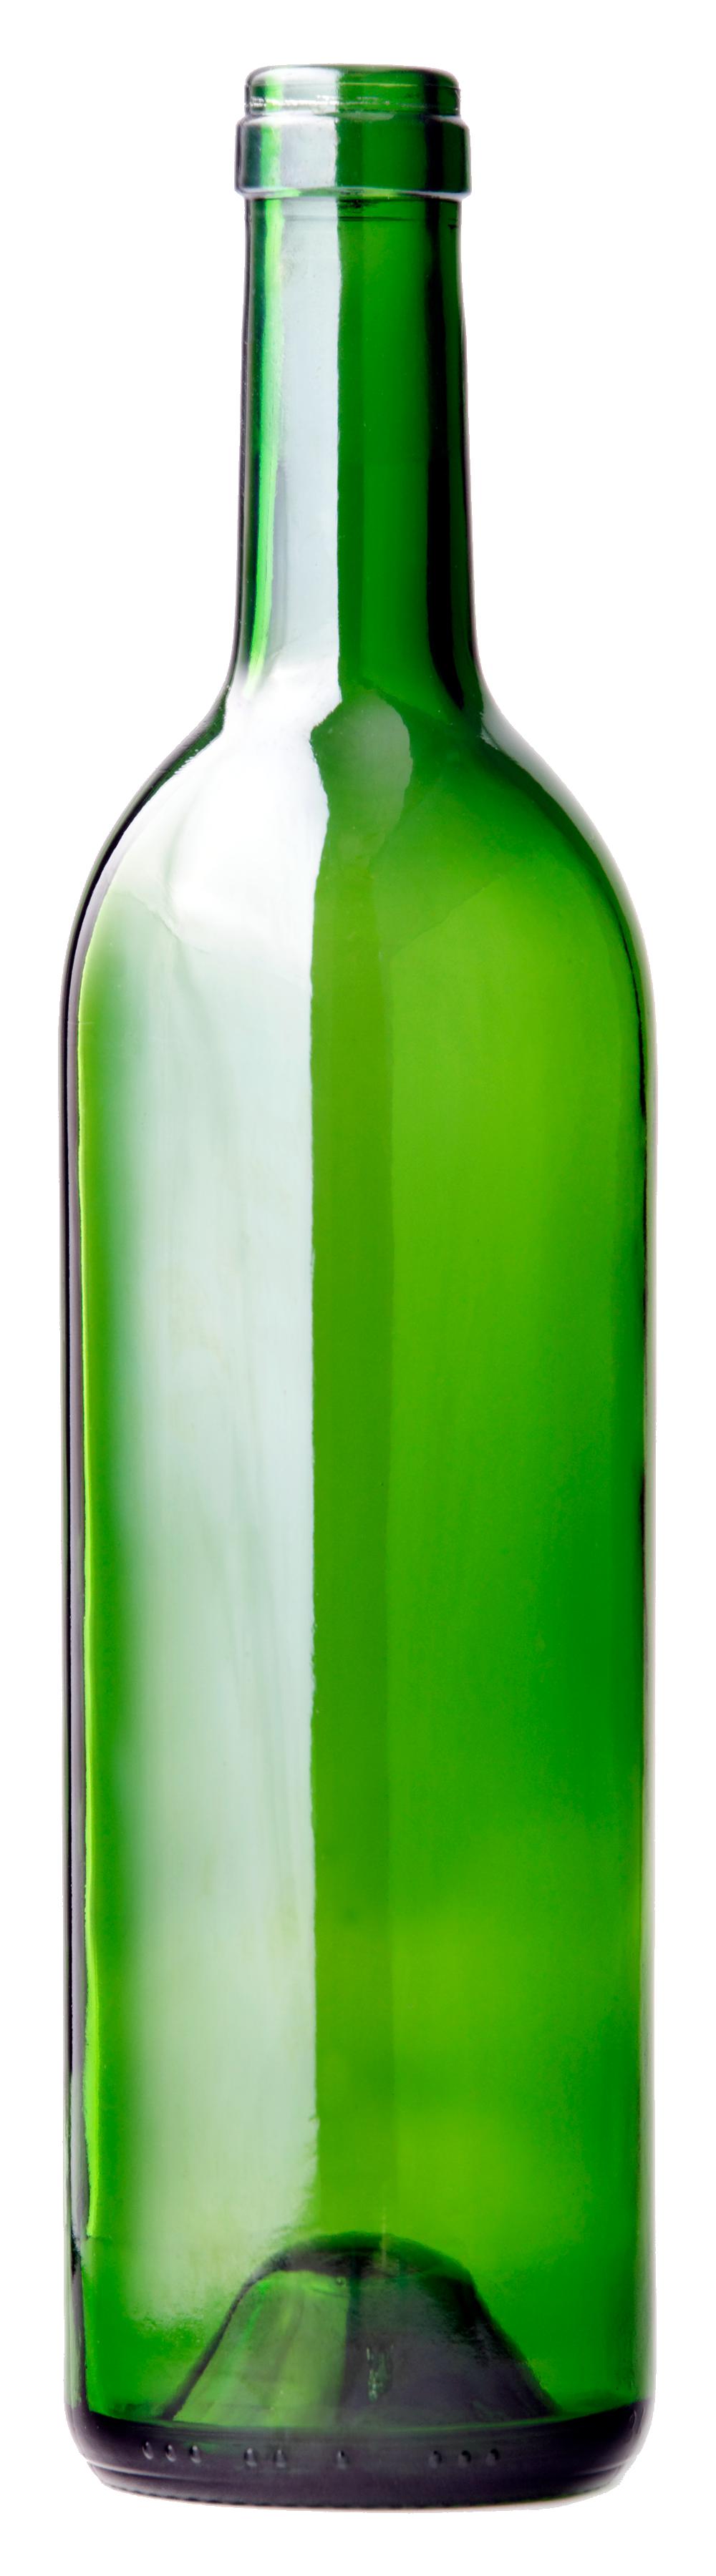 Bottle PNG - 24019